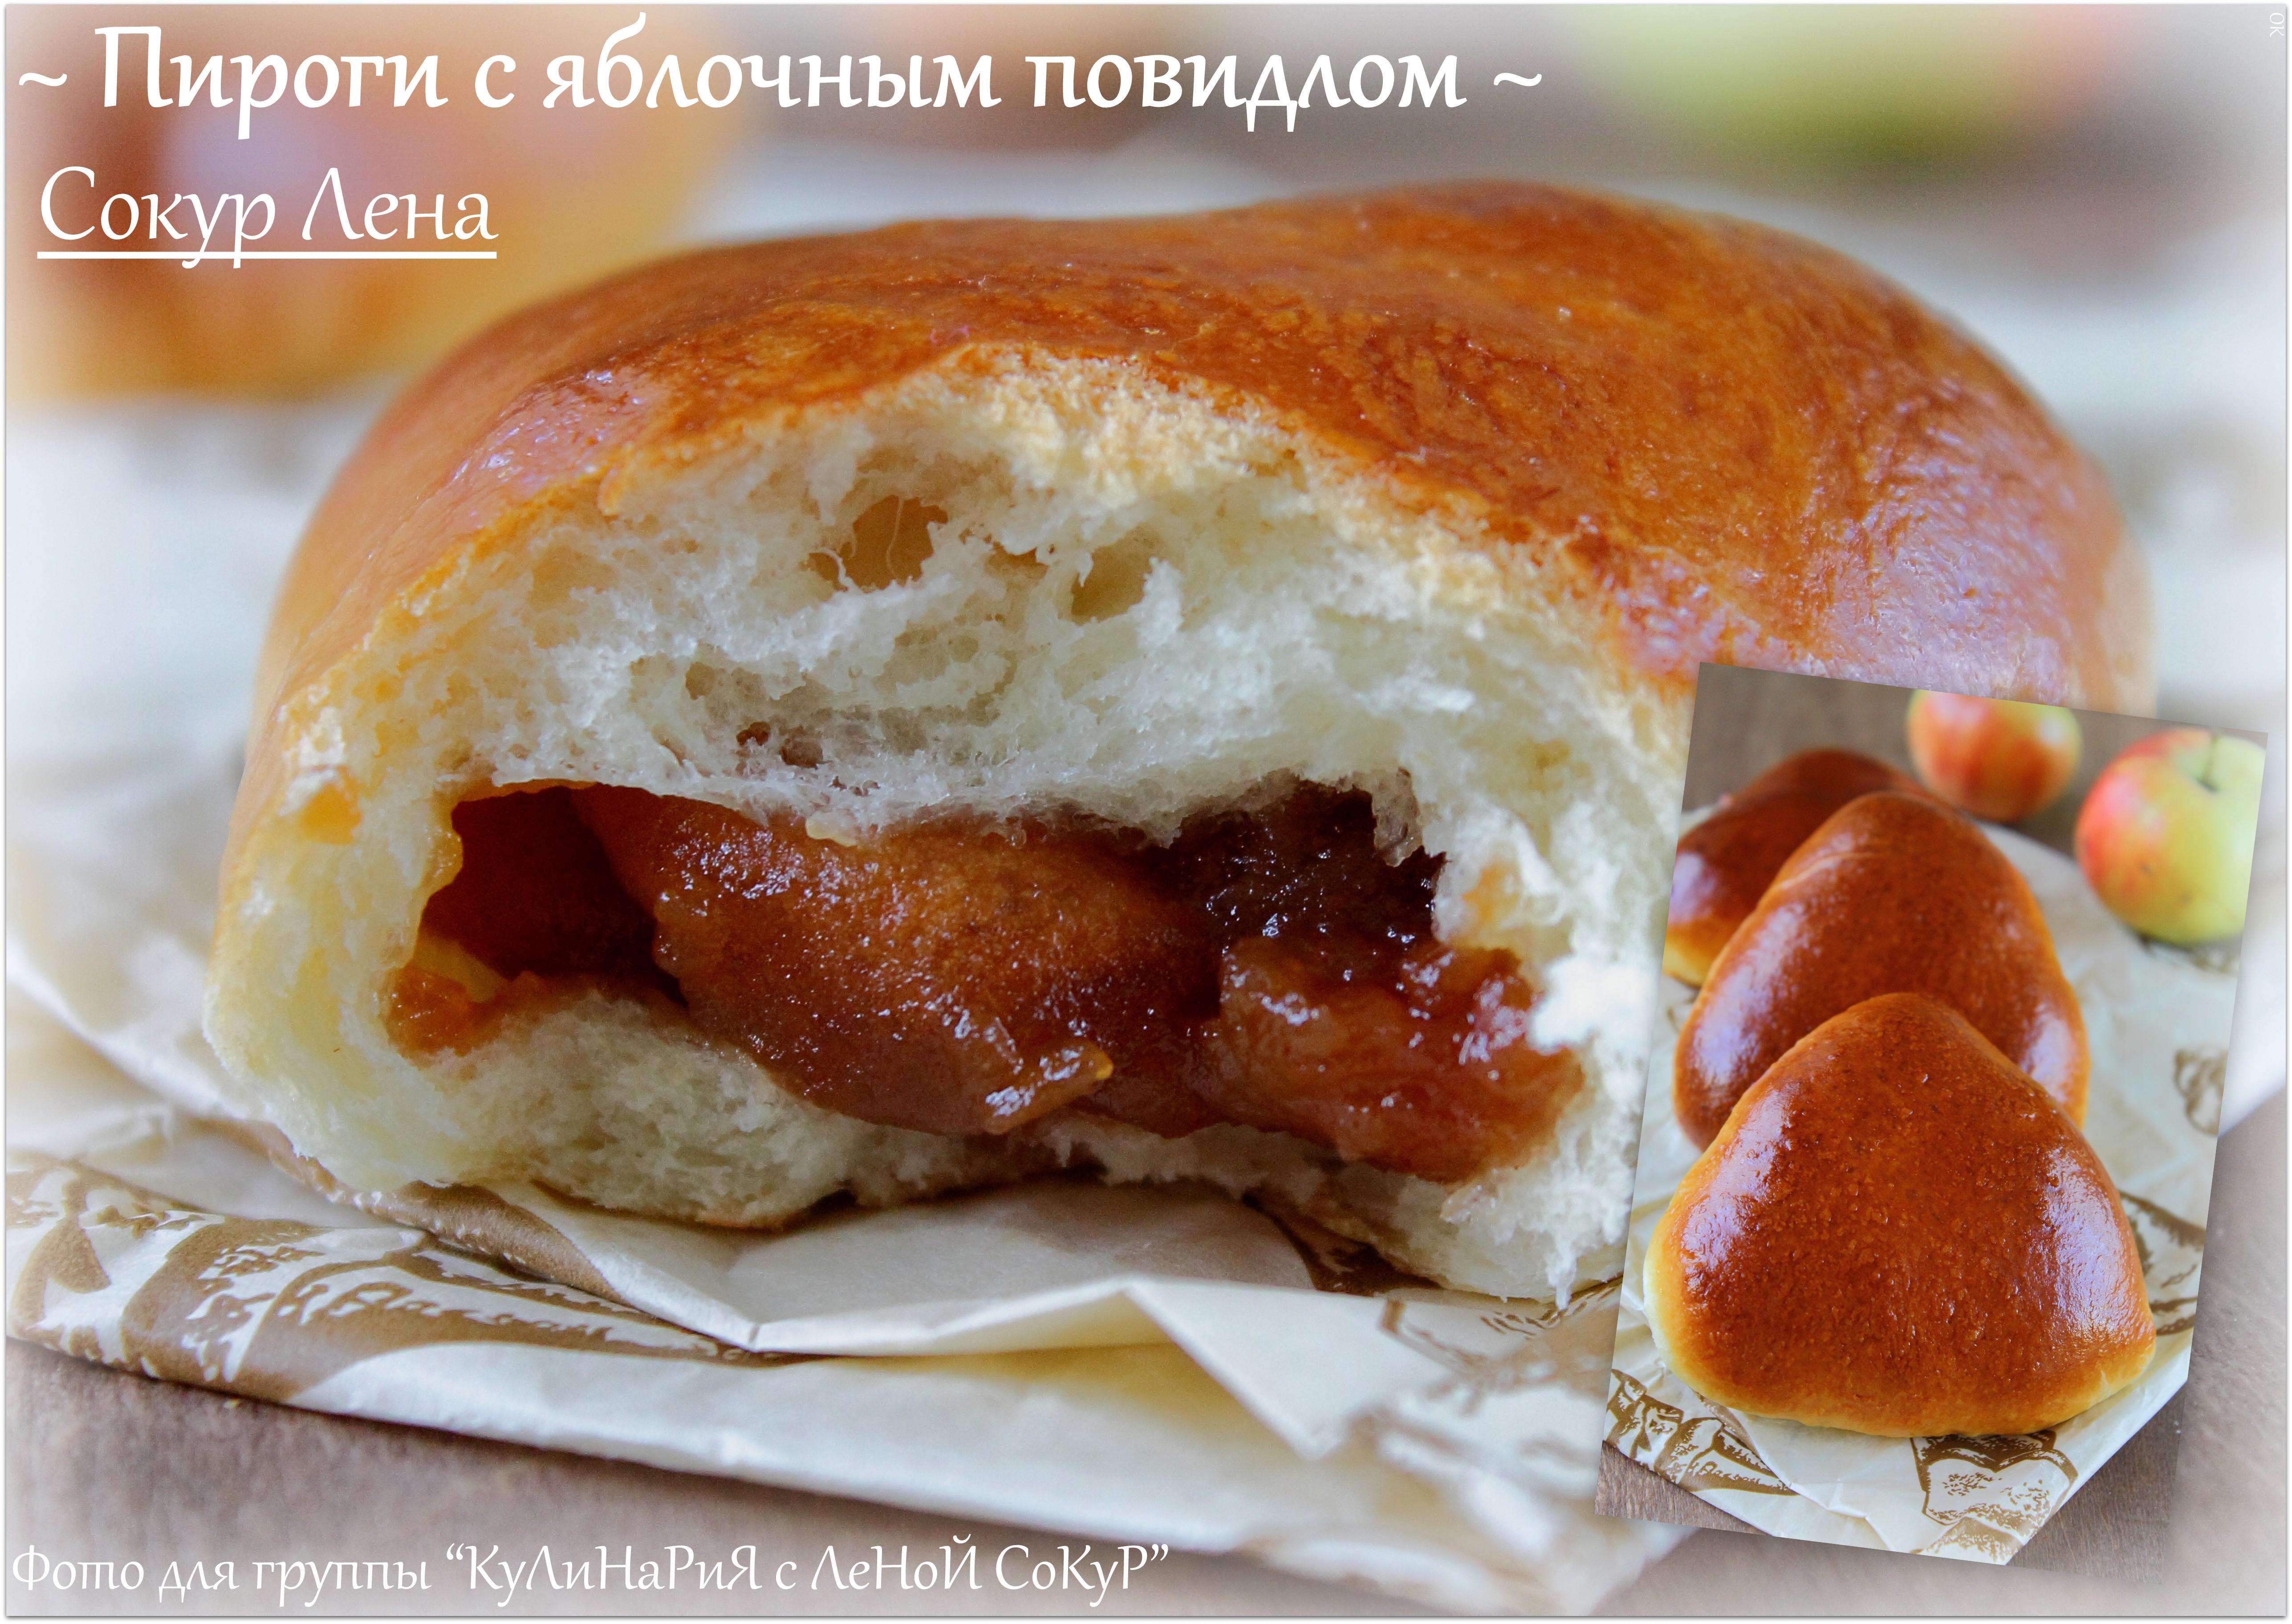 Пирожное с повидлом рецепт пошагово